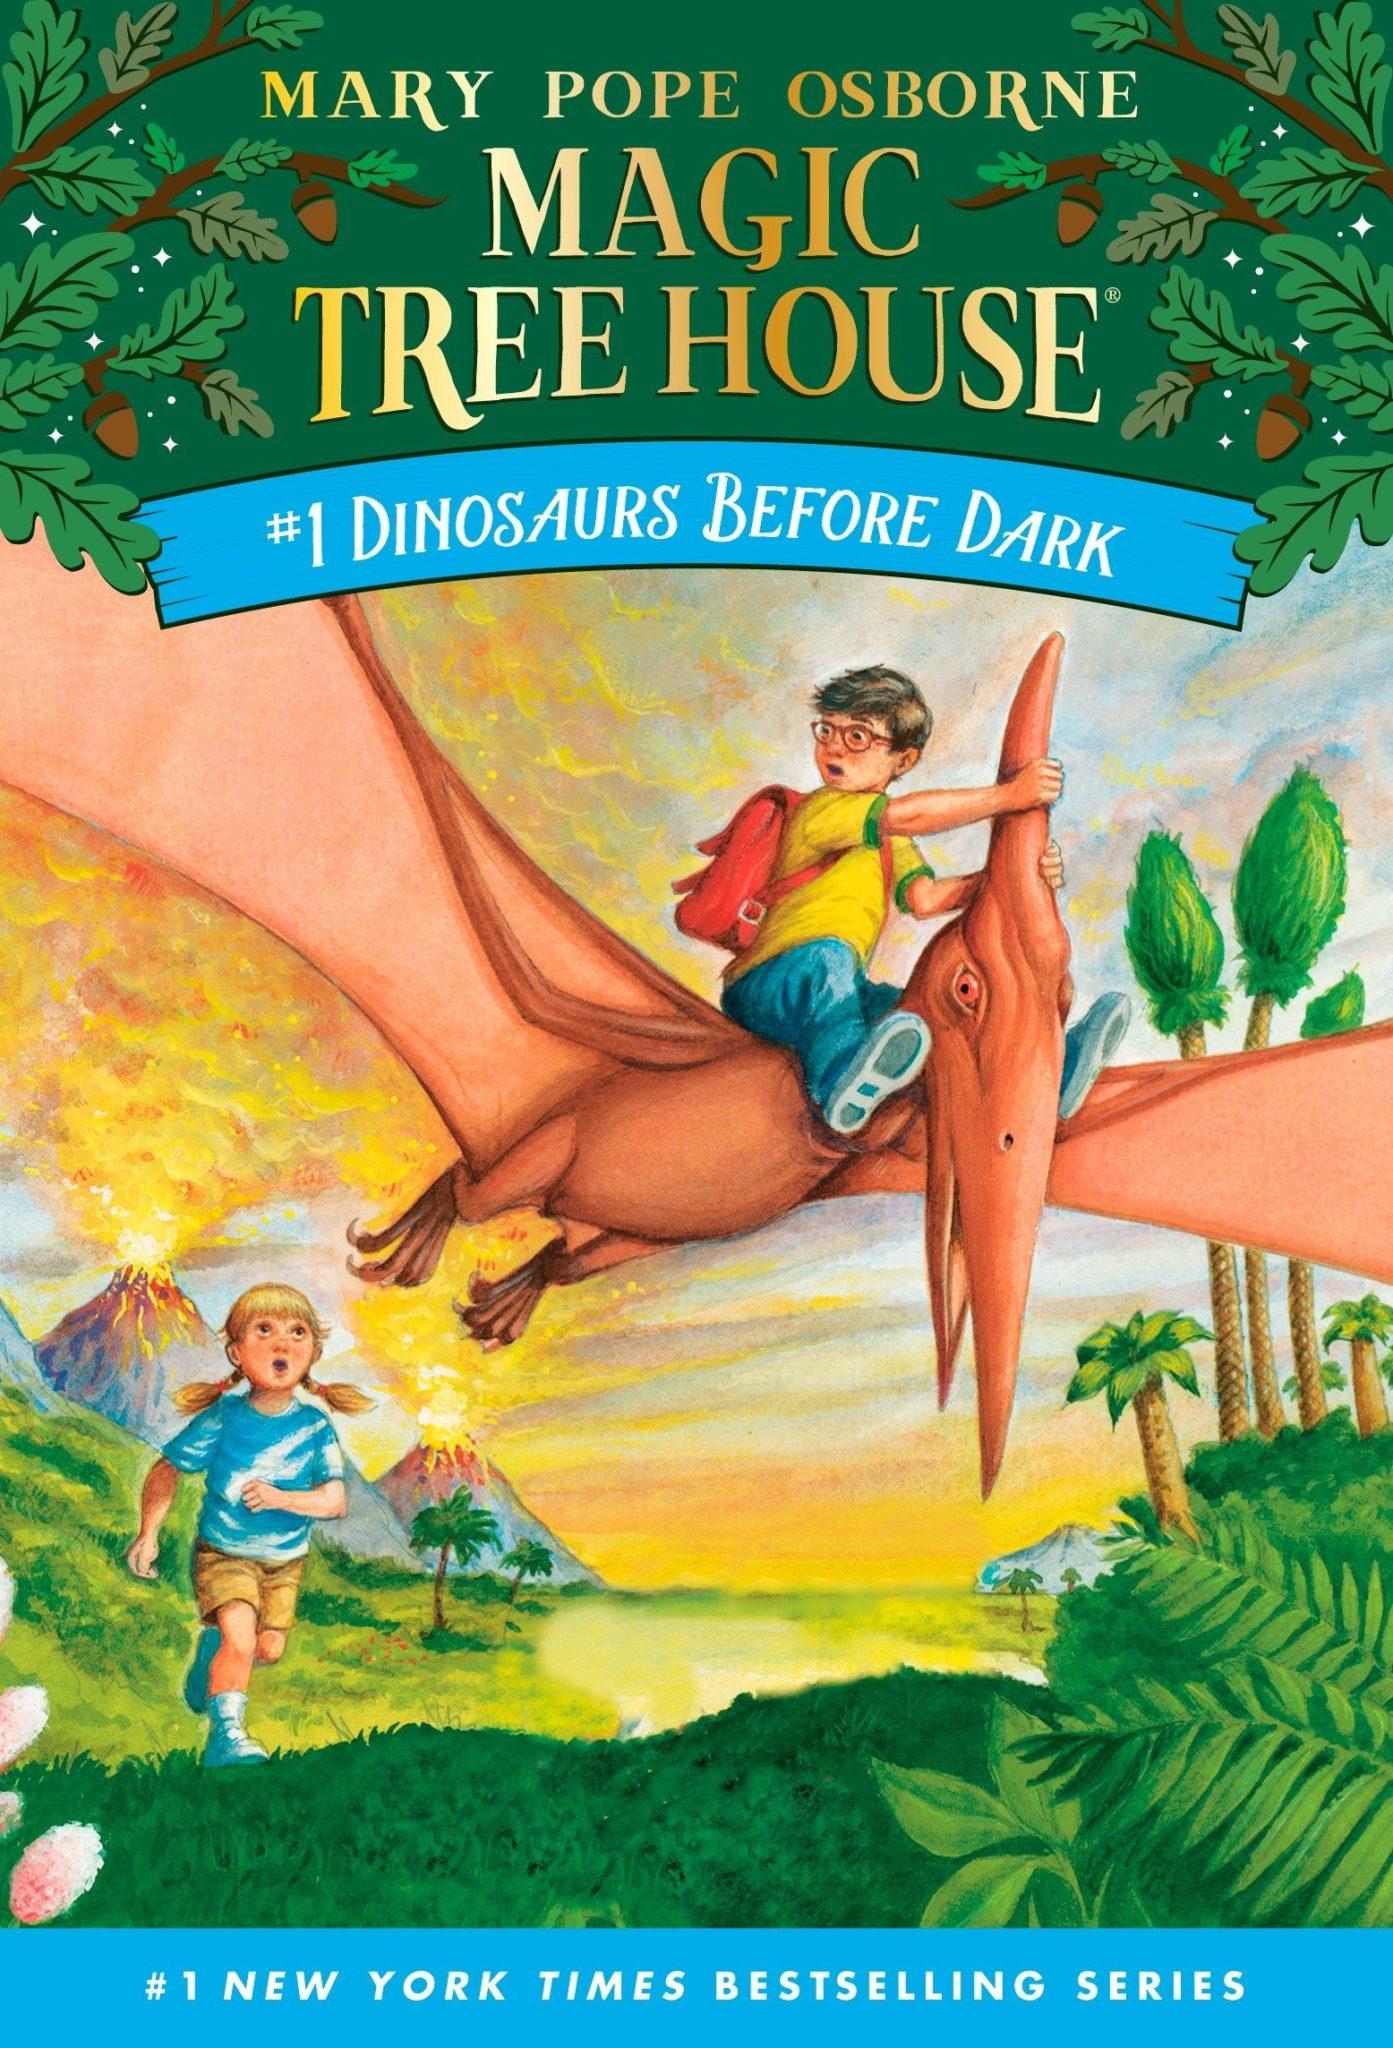 Magic Tree House books 1